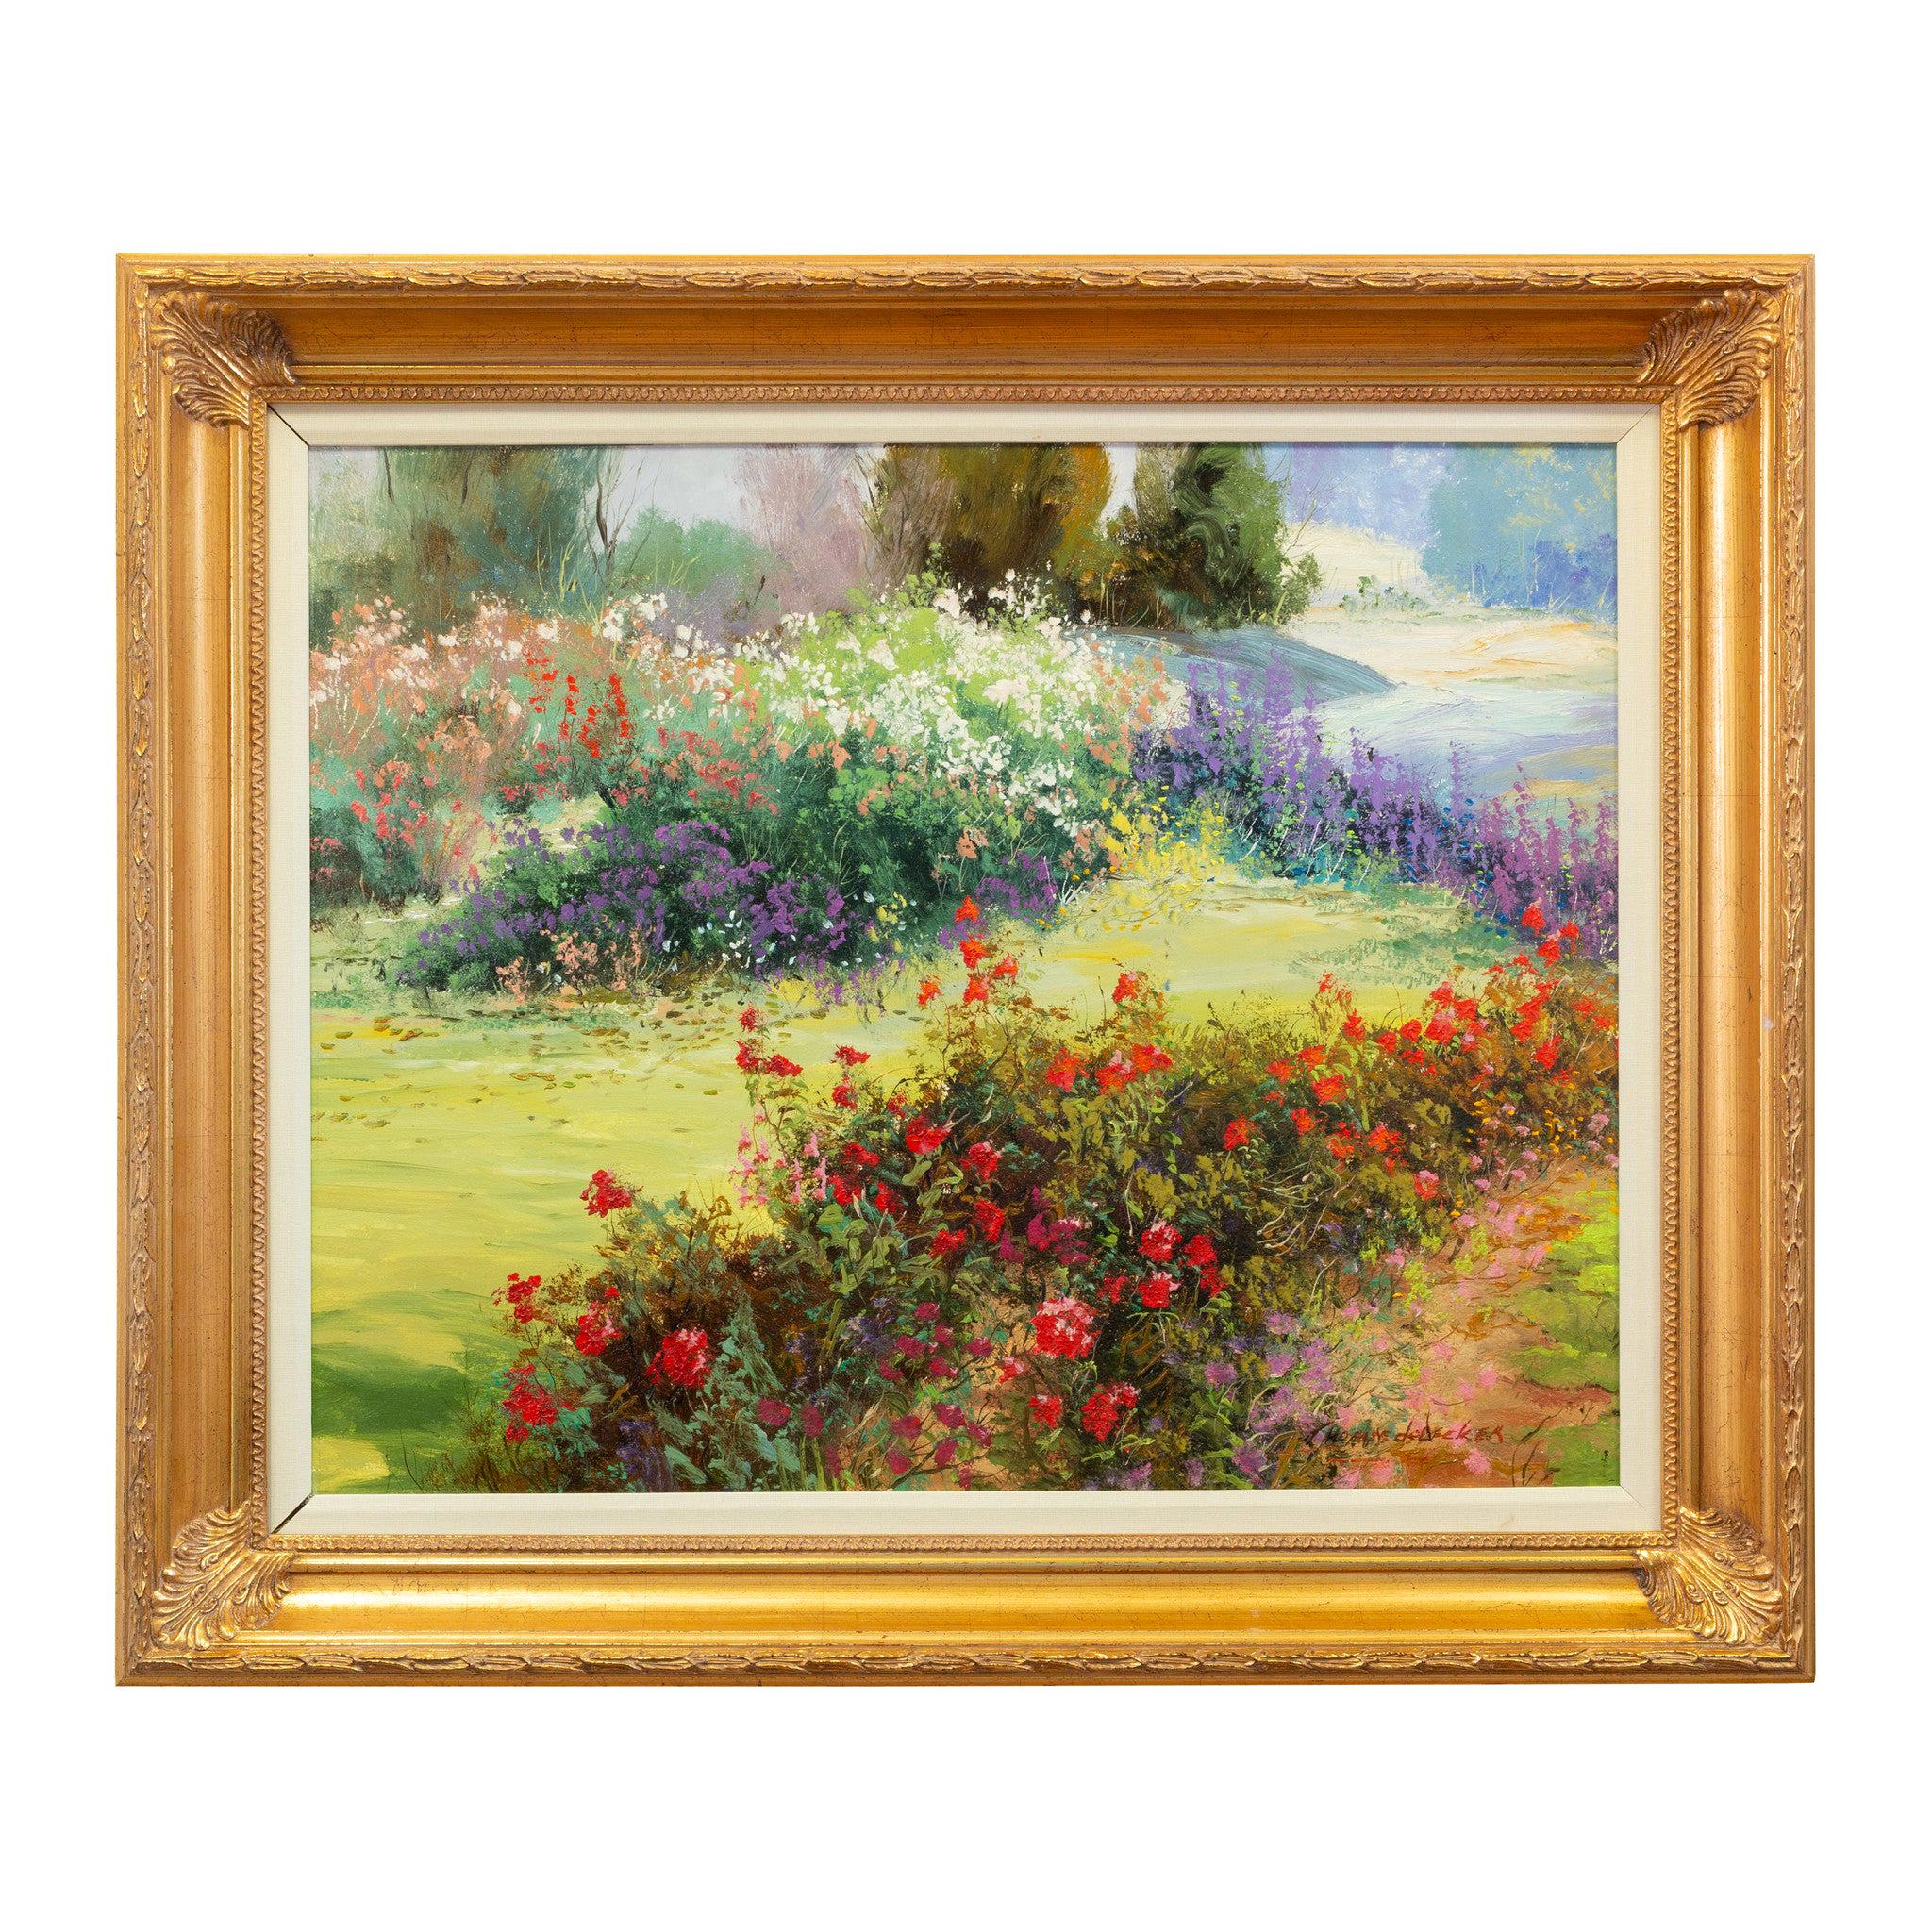 """Original Painting """"Garden Pathways"""" by Thomas deDecker"""